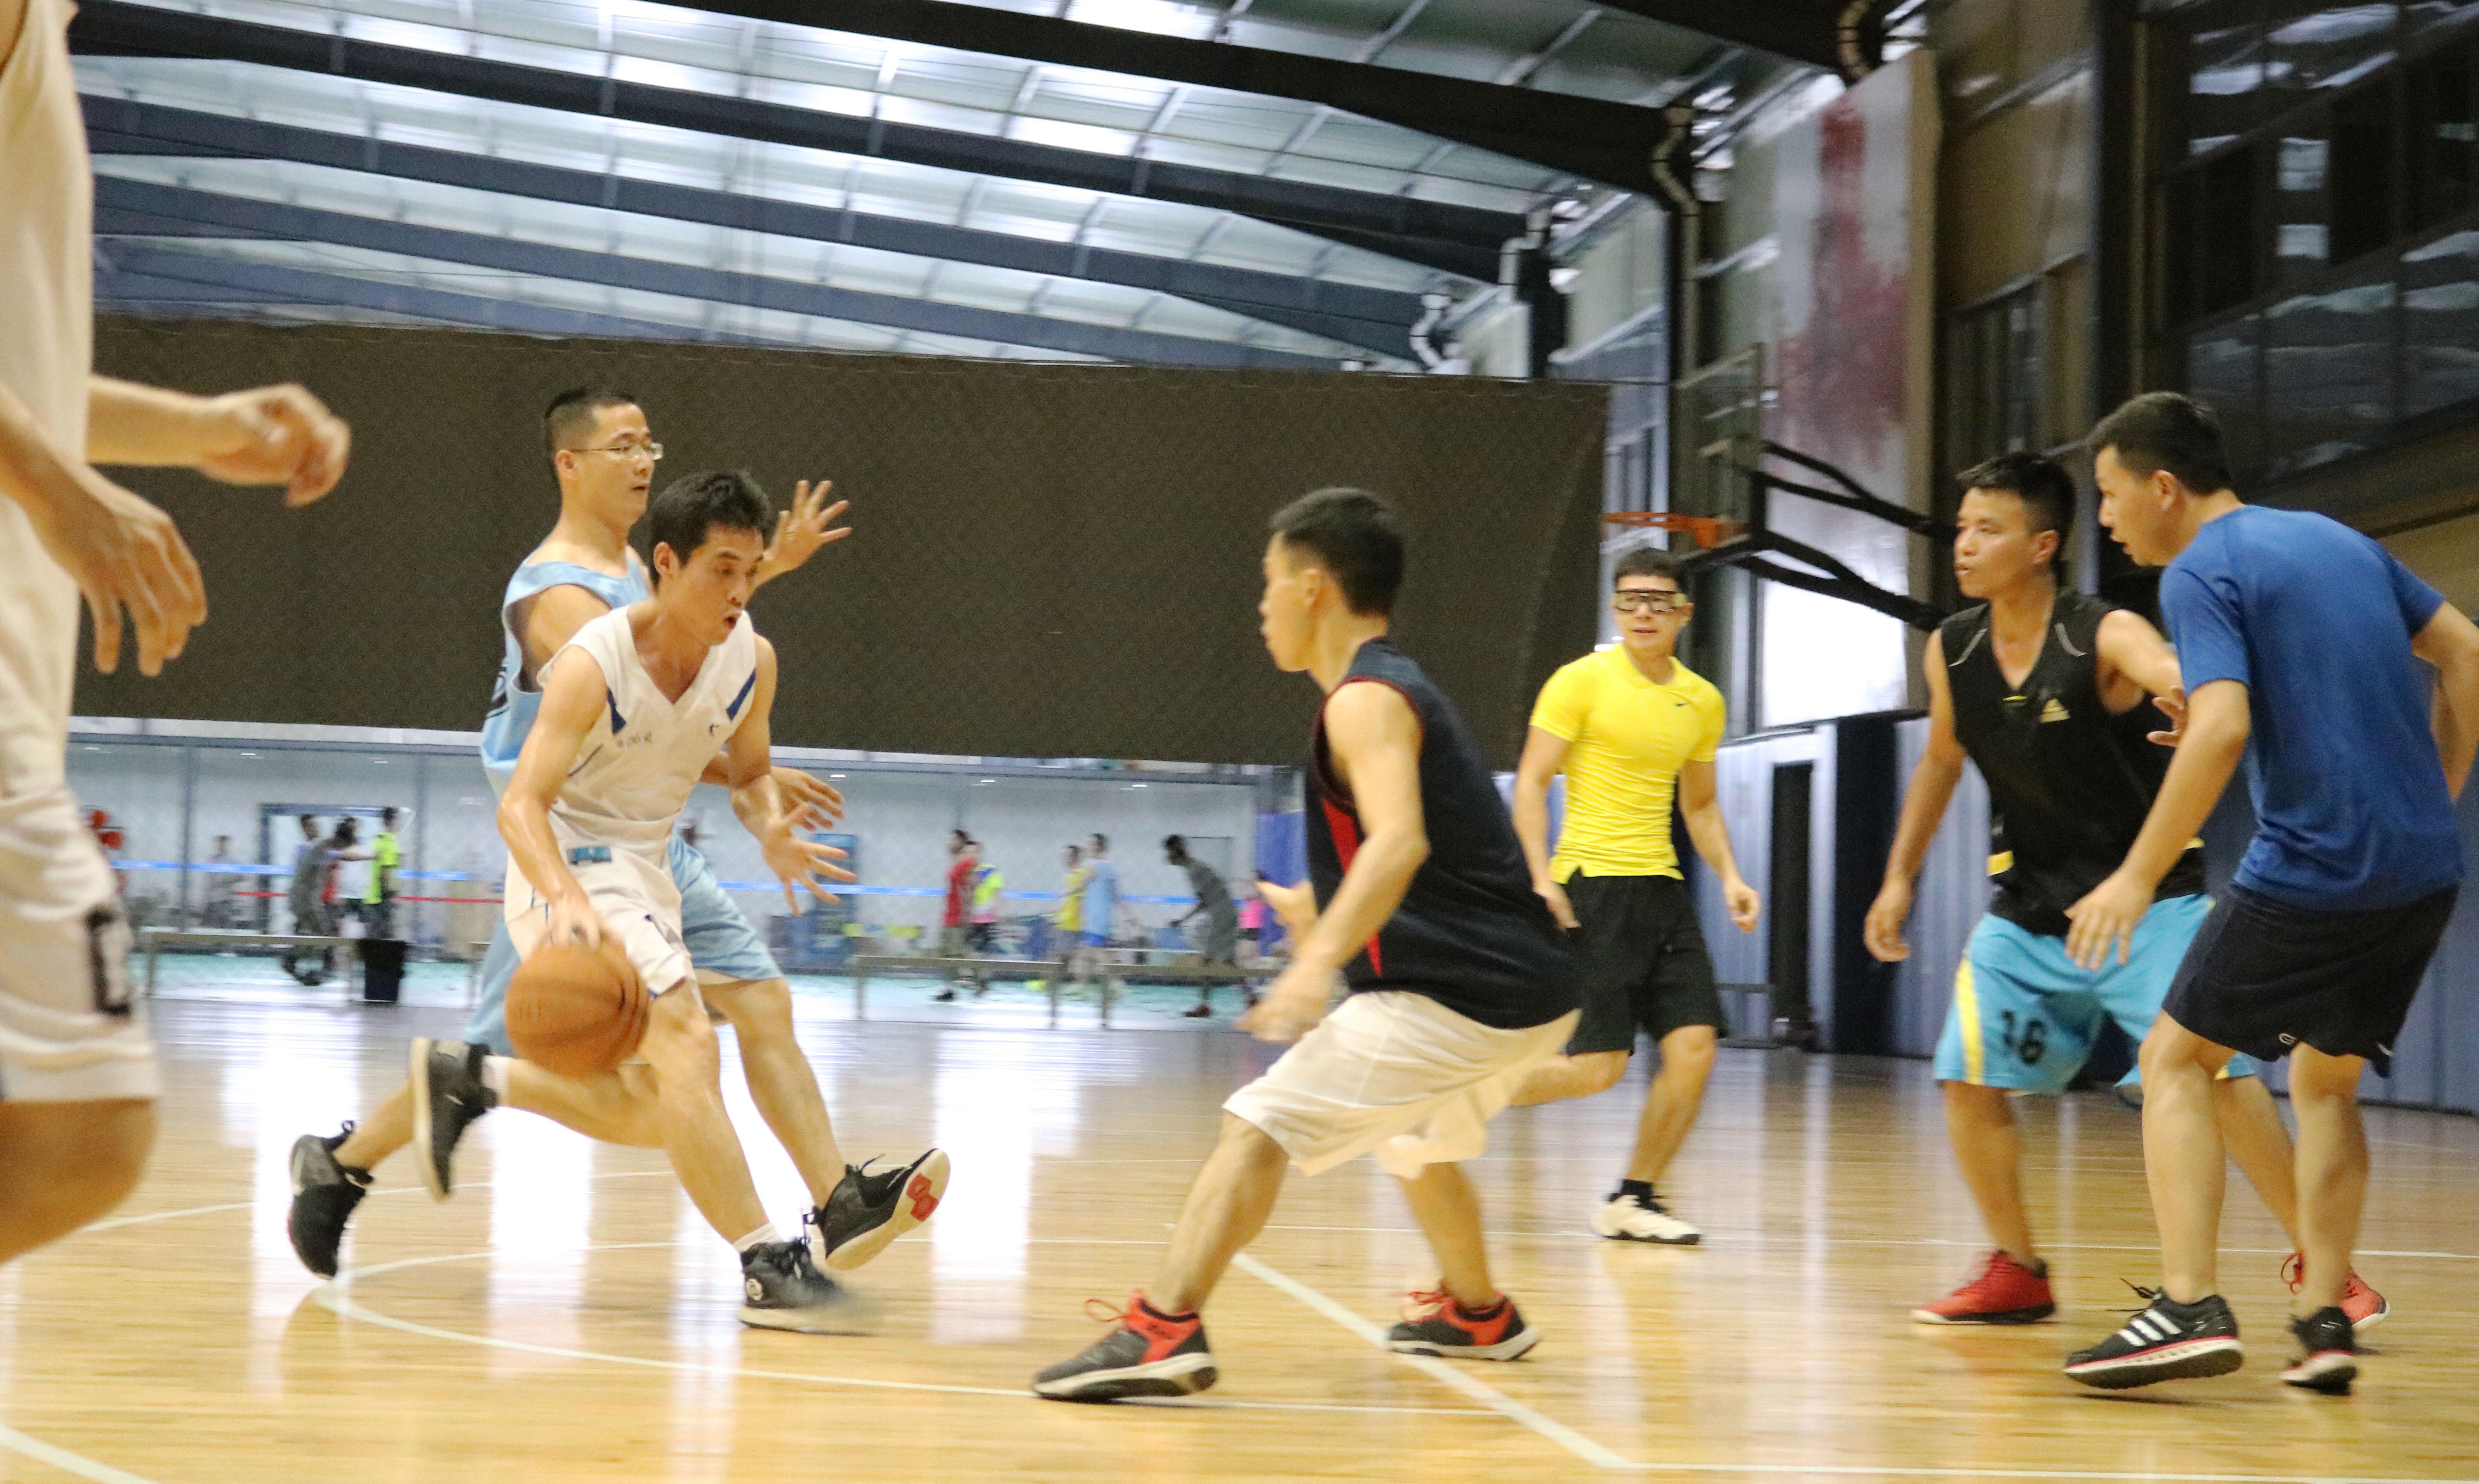 市政所与岩土所的部门篮球赛